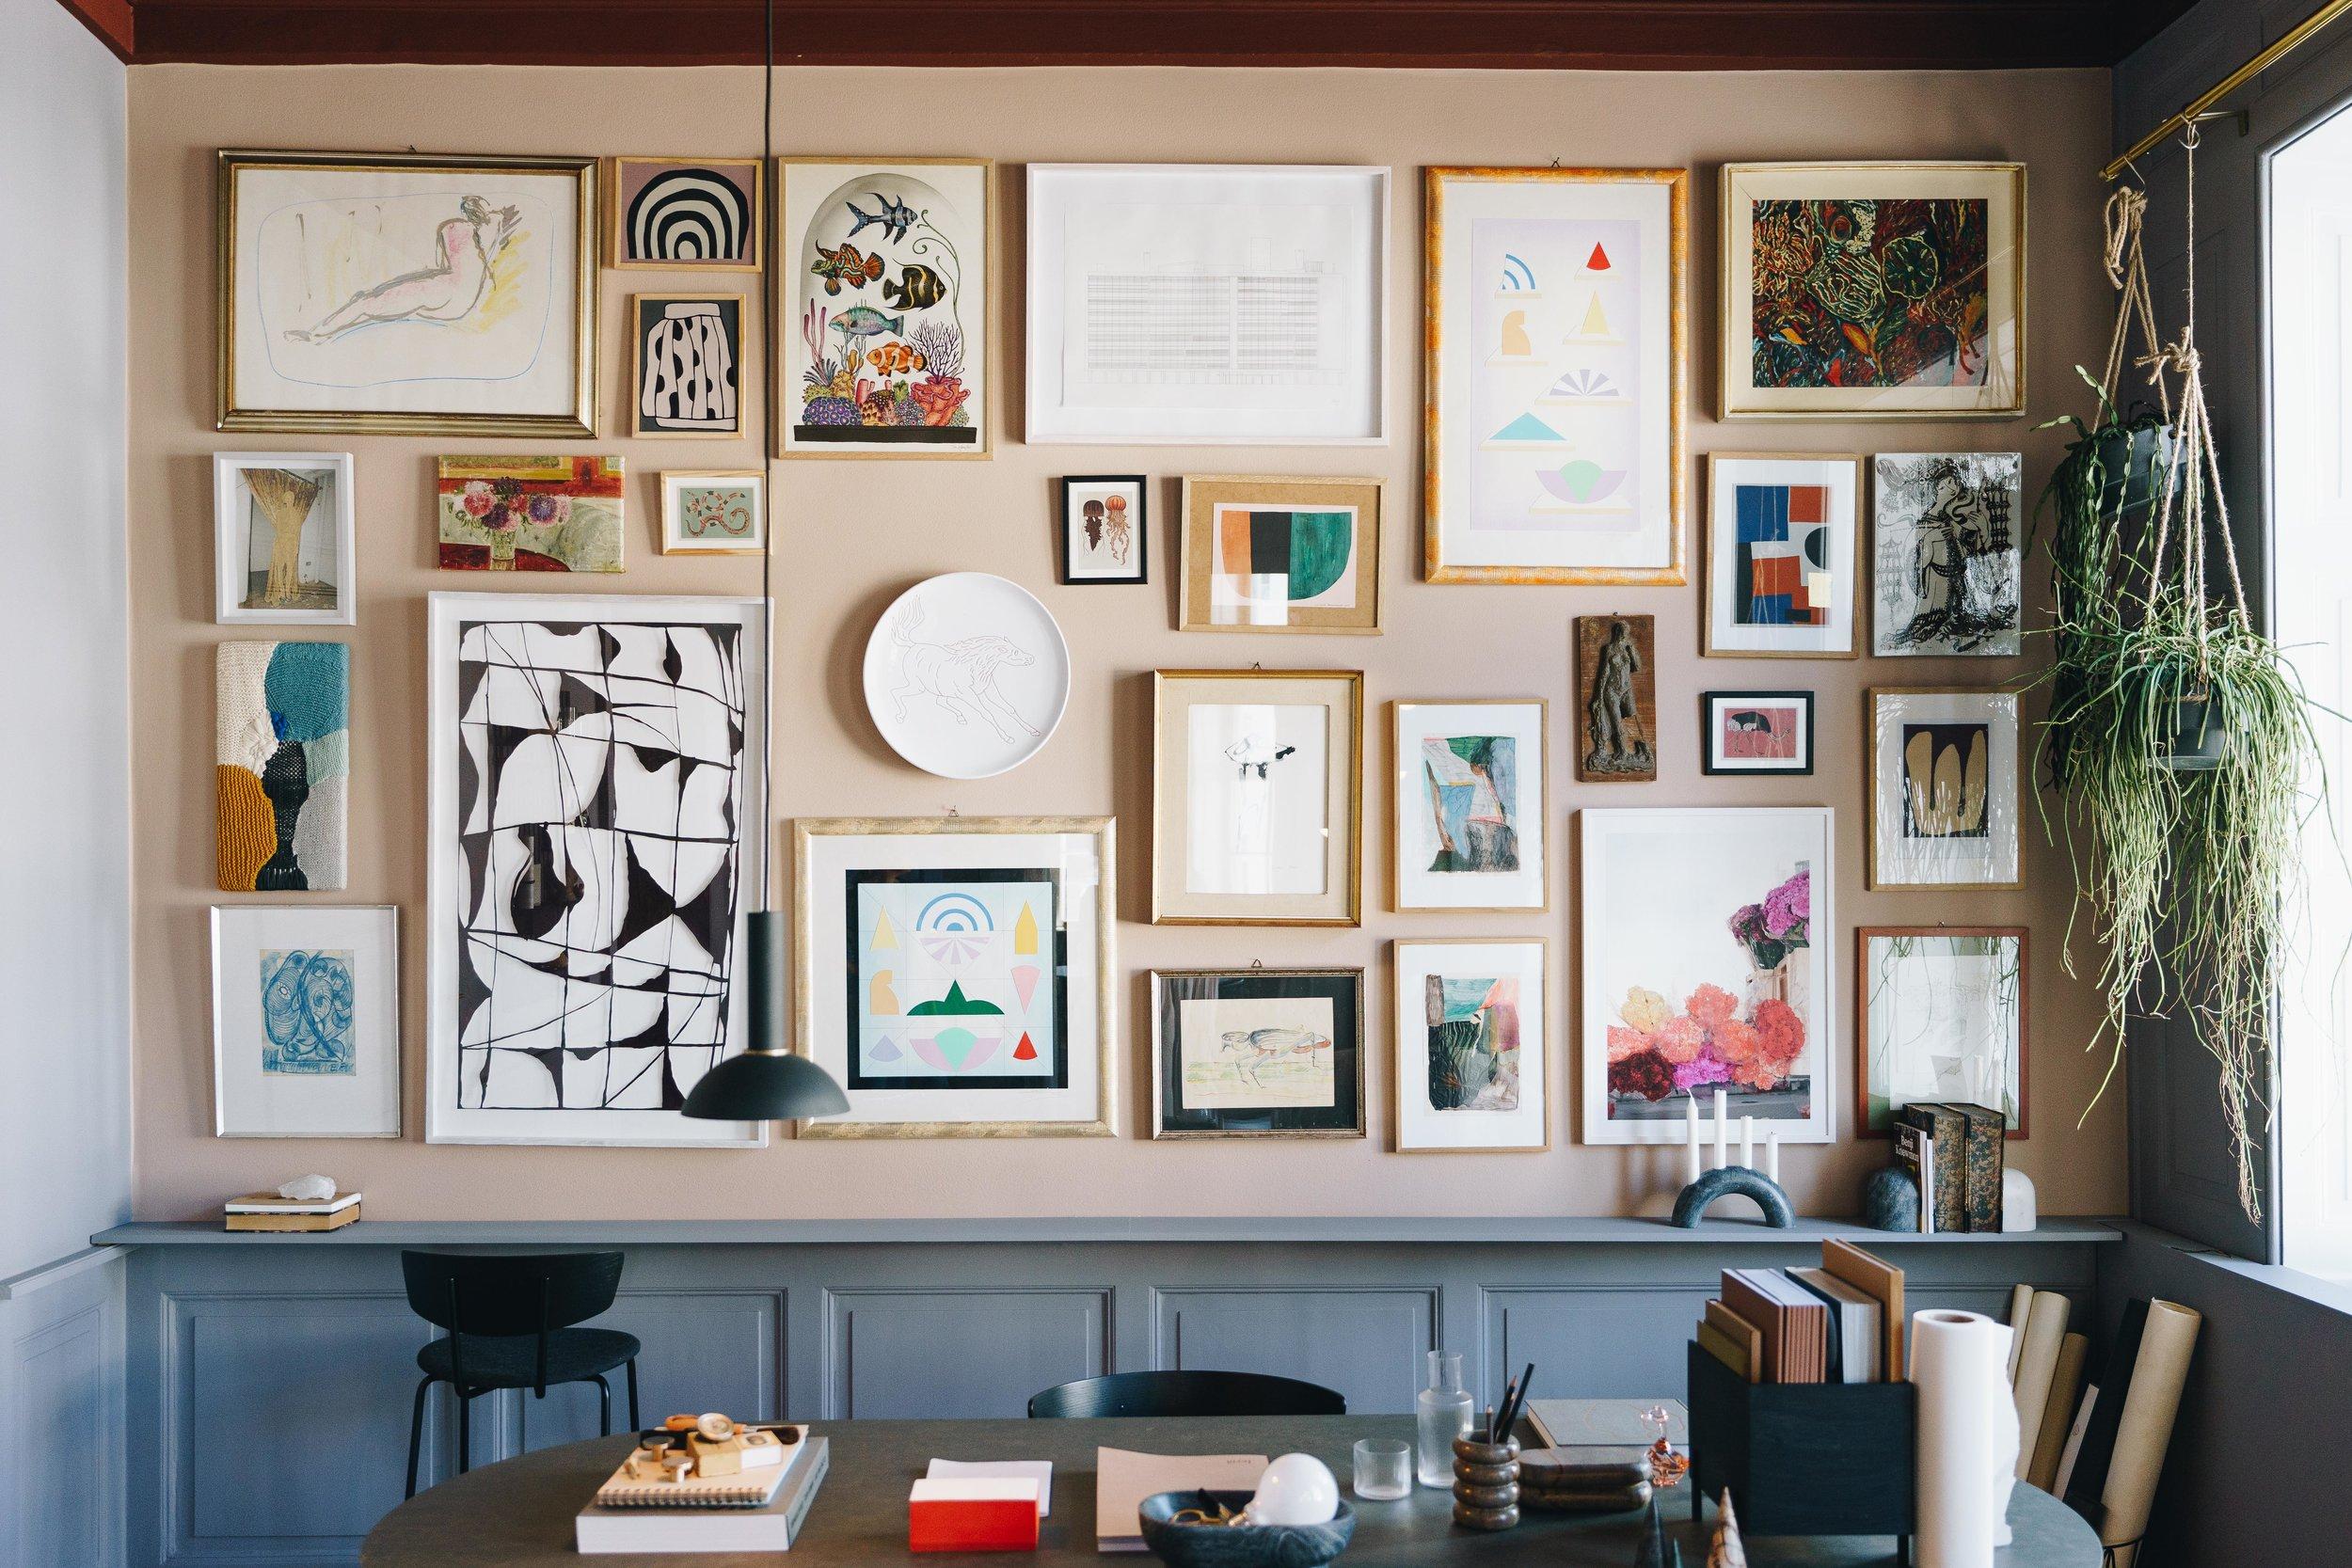 ASROSENVINGE_The Home by Ferm Living_Copenhagen-08786.jpg